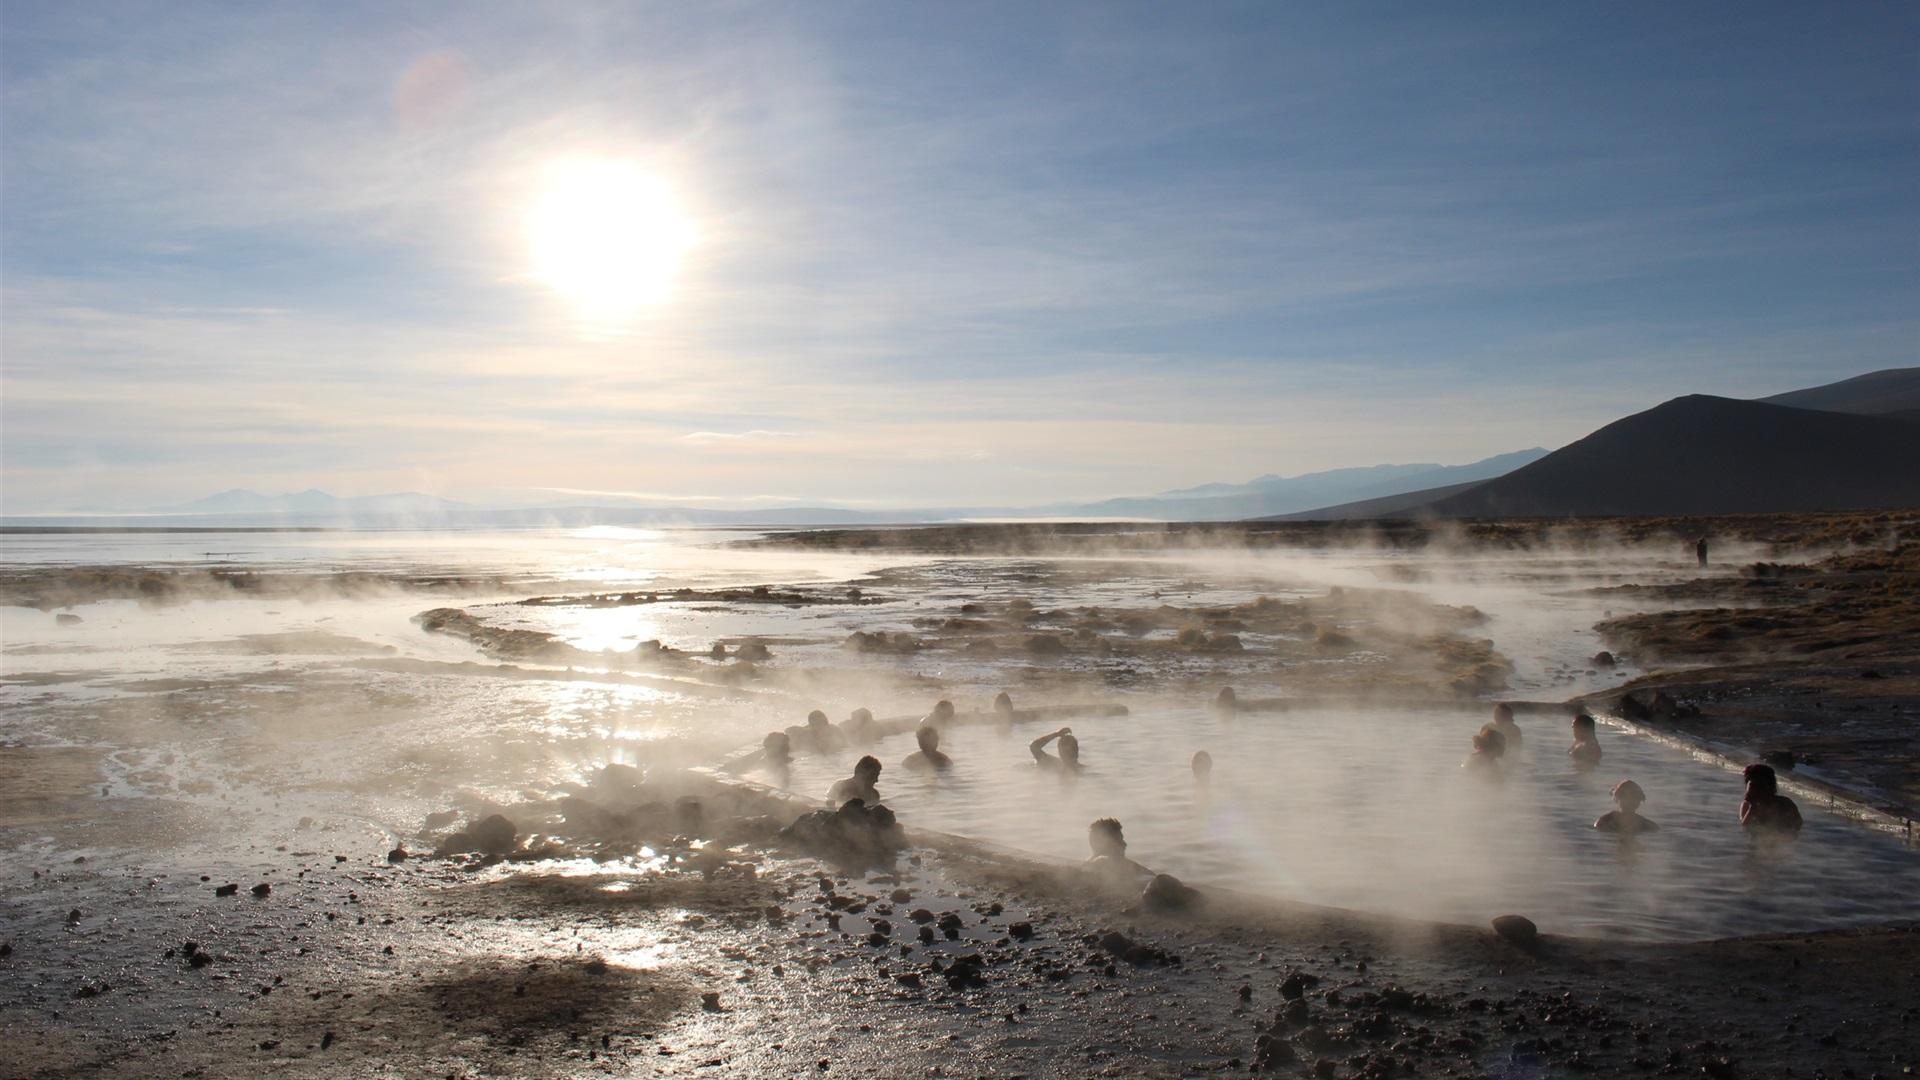 壁紙 ウユニ塩湖、日、温泉、日本 2560x1600 HD 無料のデスクトップの背景, 画像